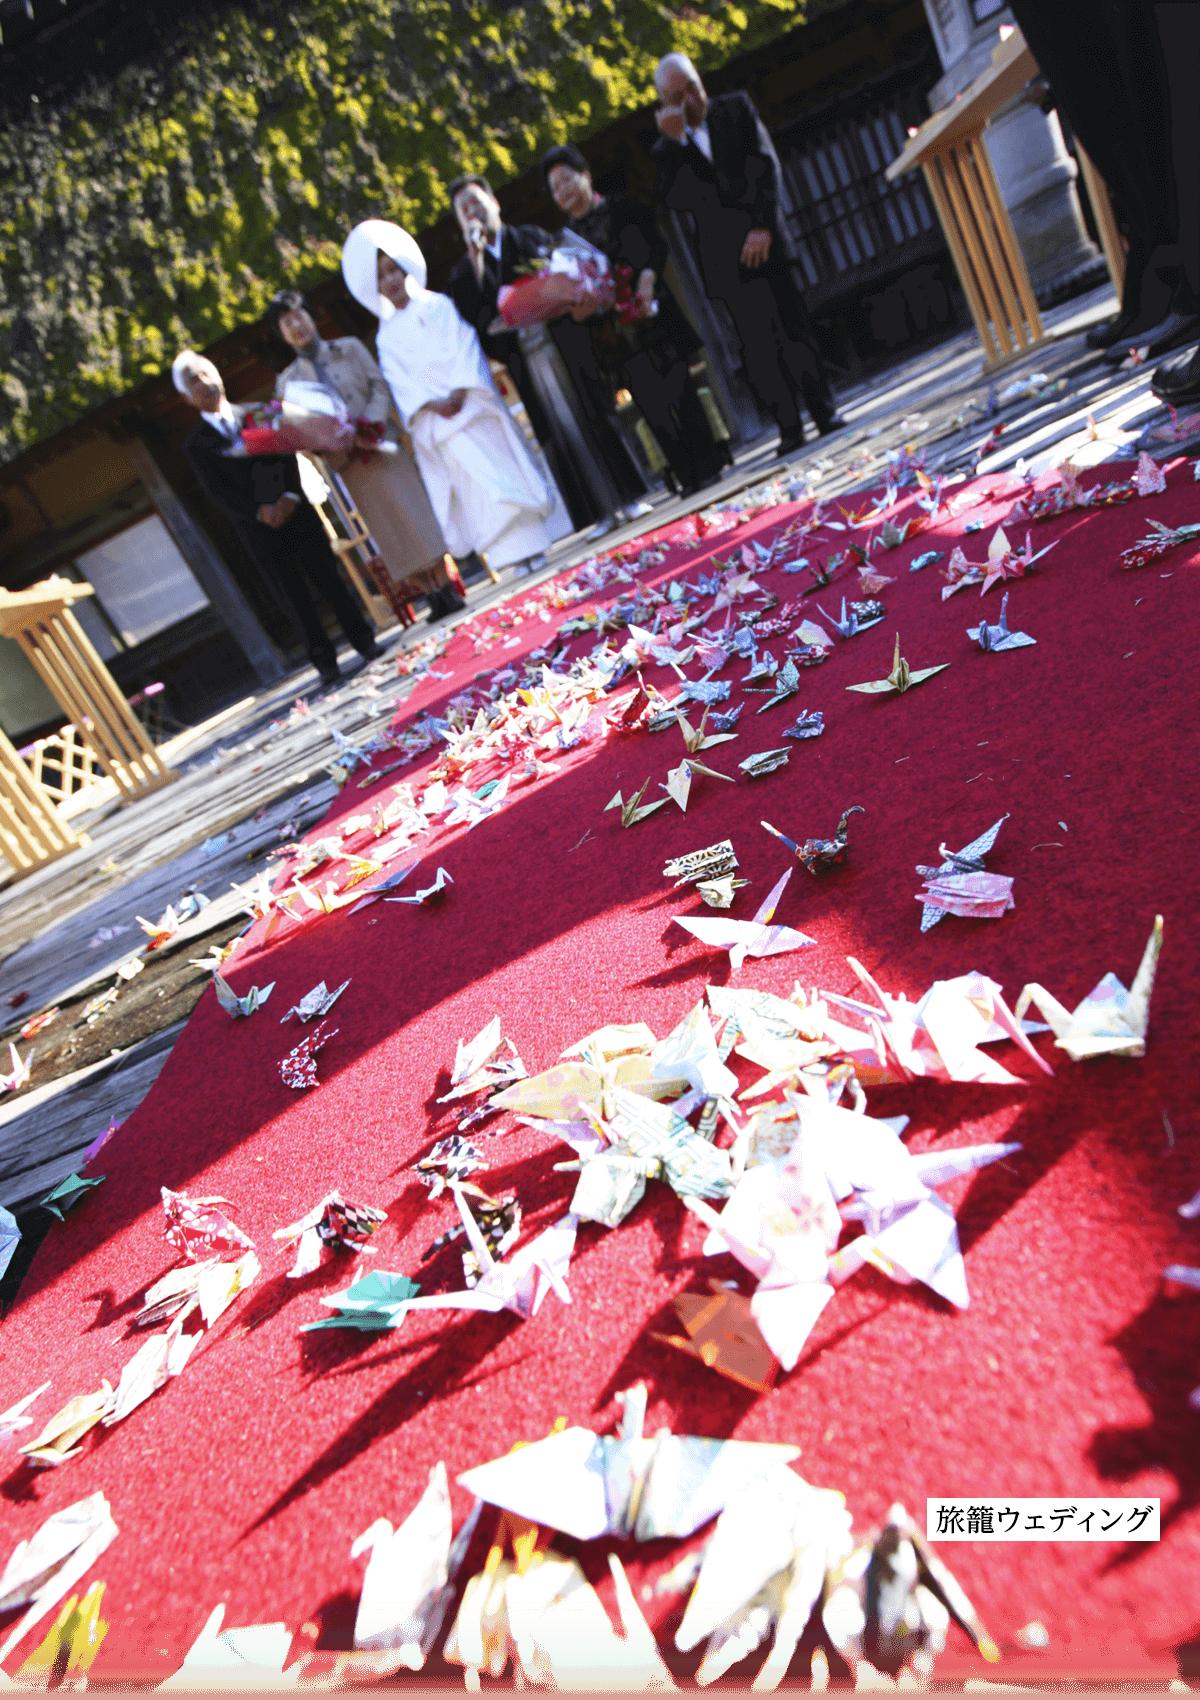 อินน์จัดงานแต่งงาน